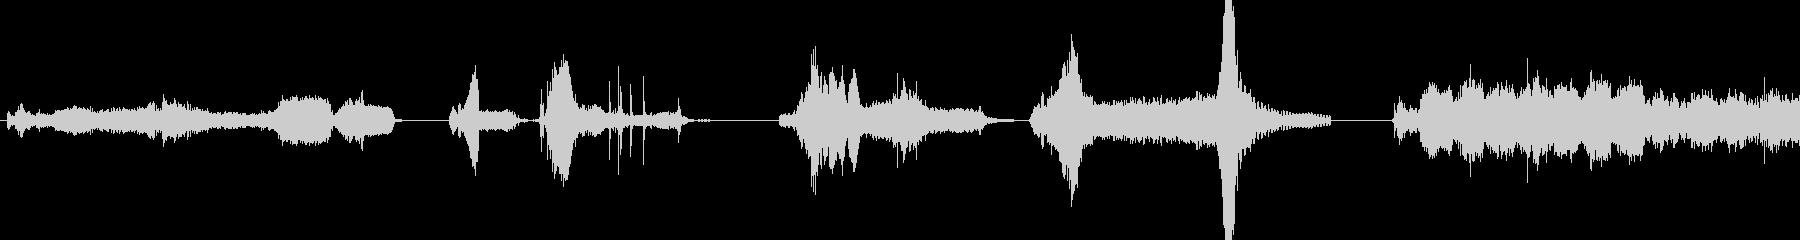 ロボットの動き;カートゥーンマルチ...の未再生の波形